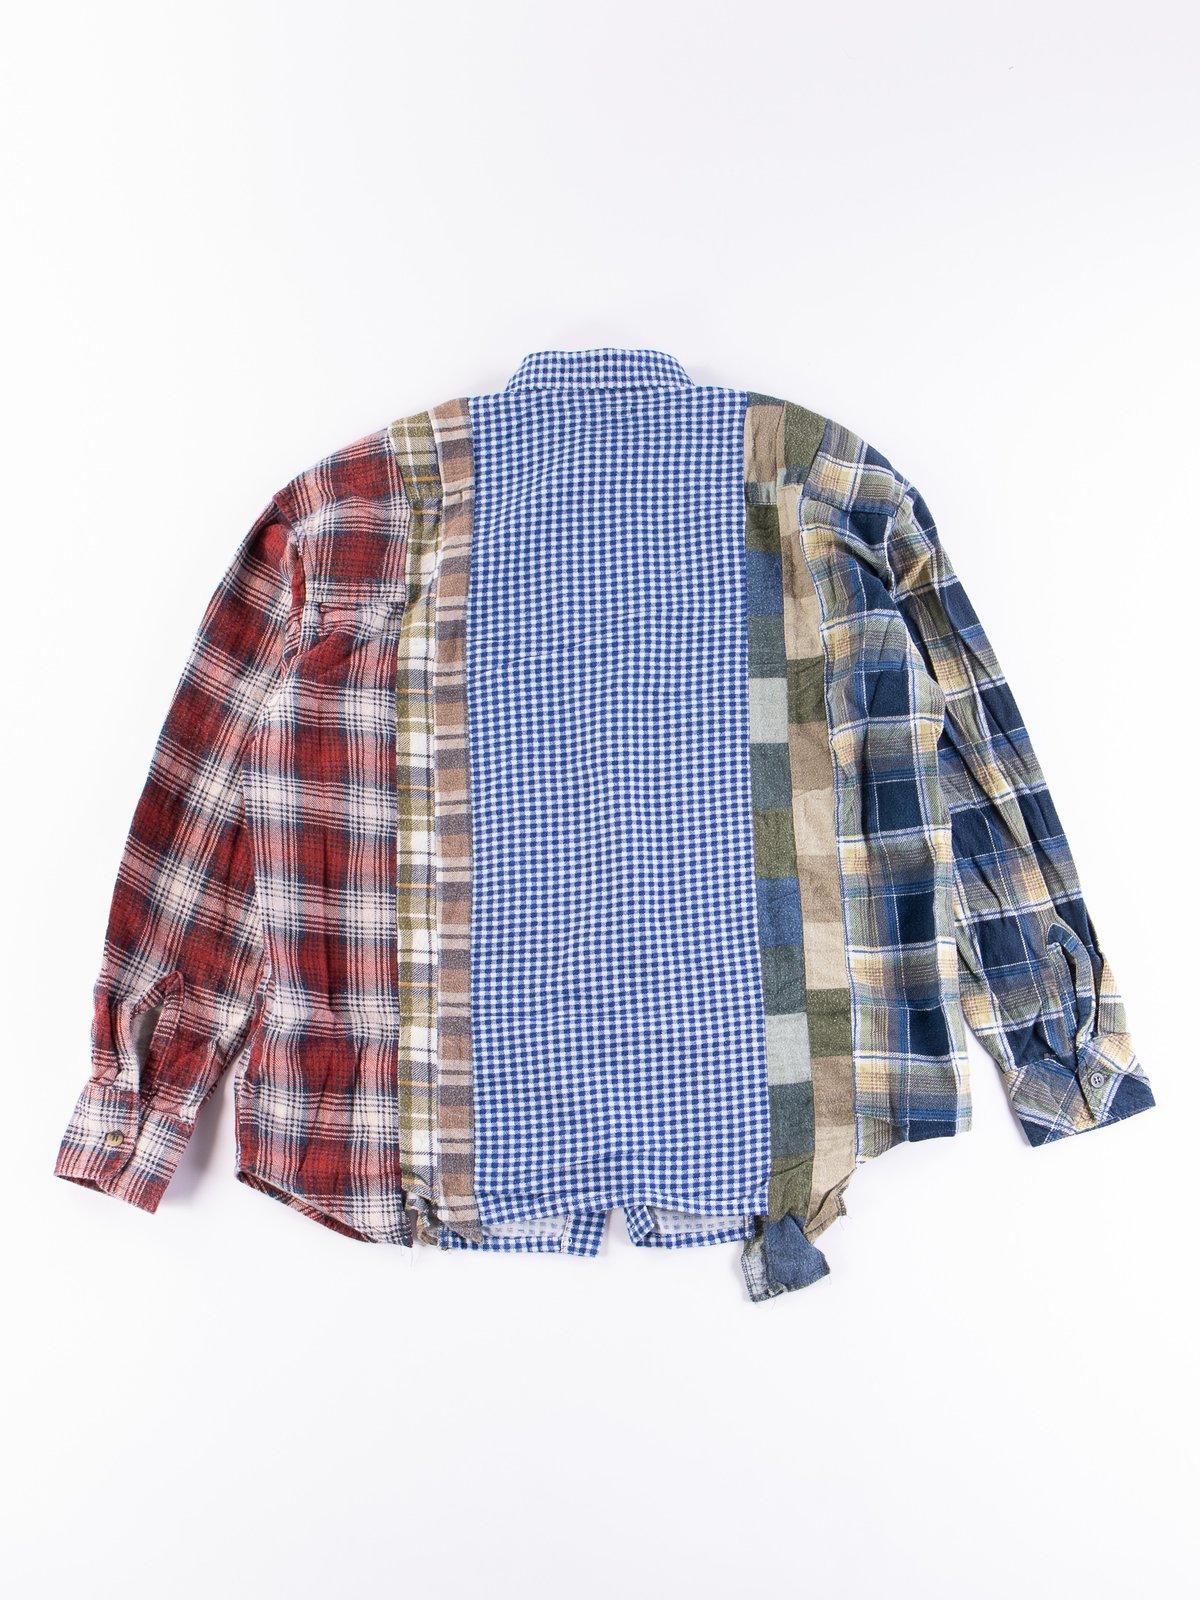 Assorted 7 Cuts Rebuild Shirt - Image 8